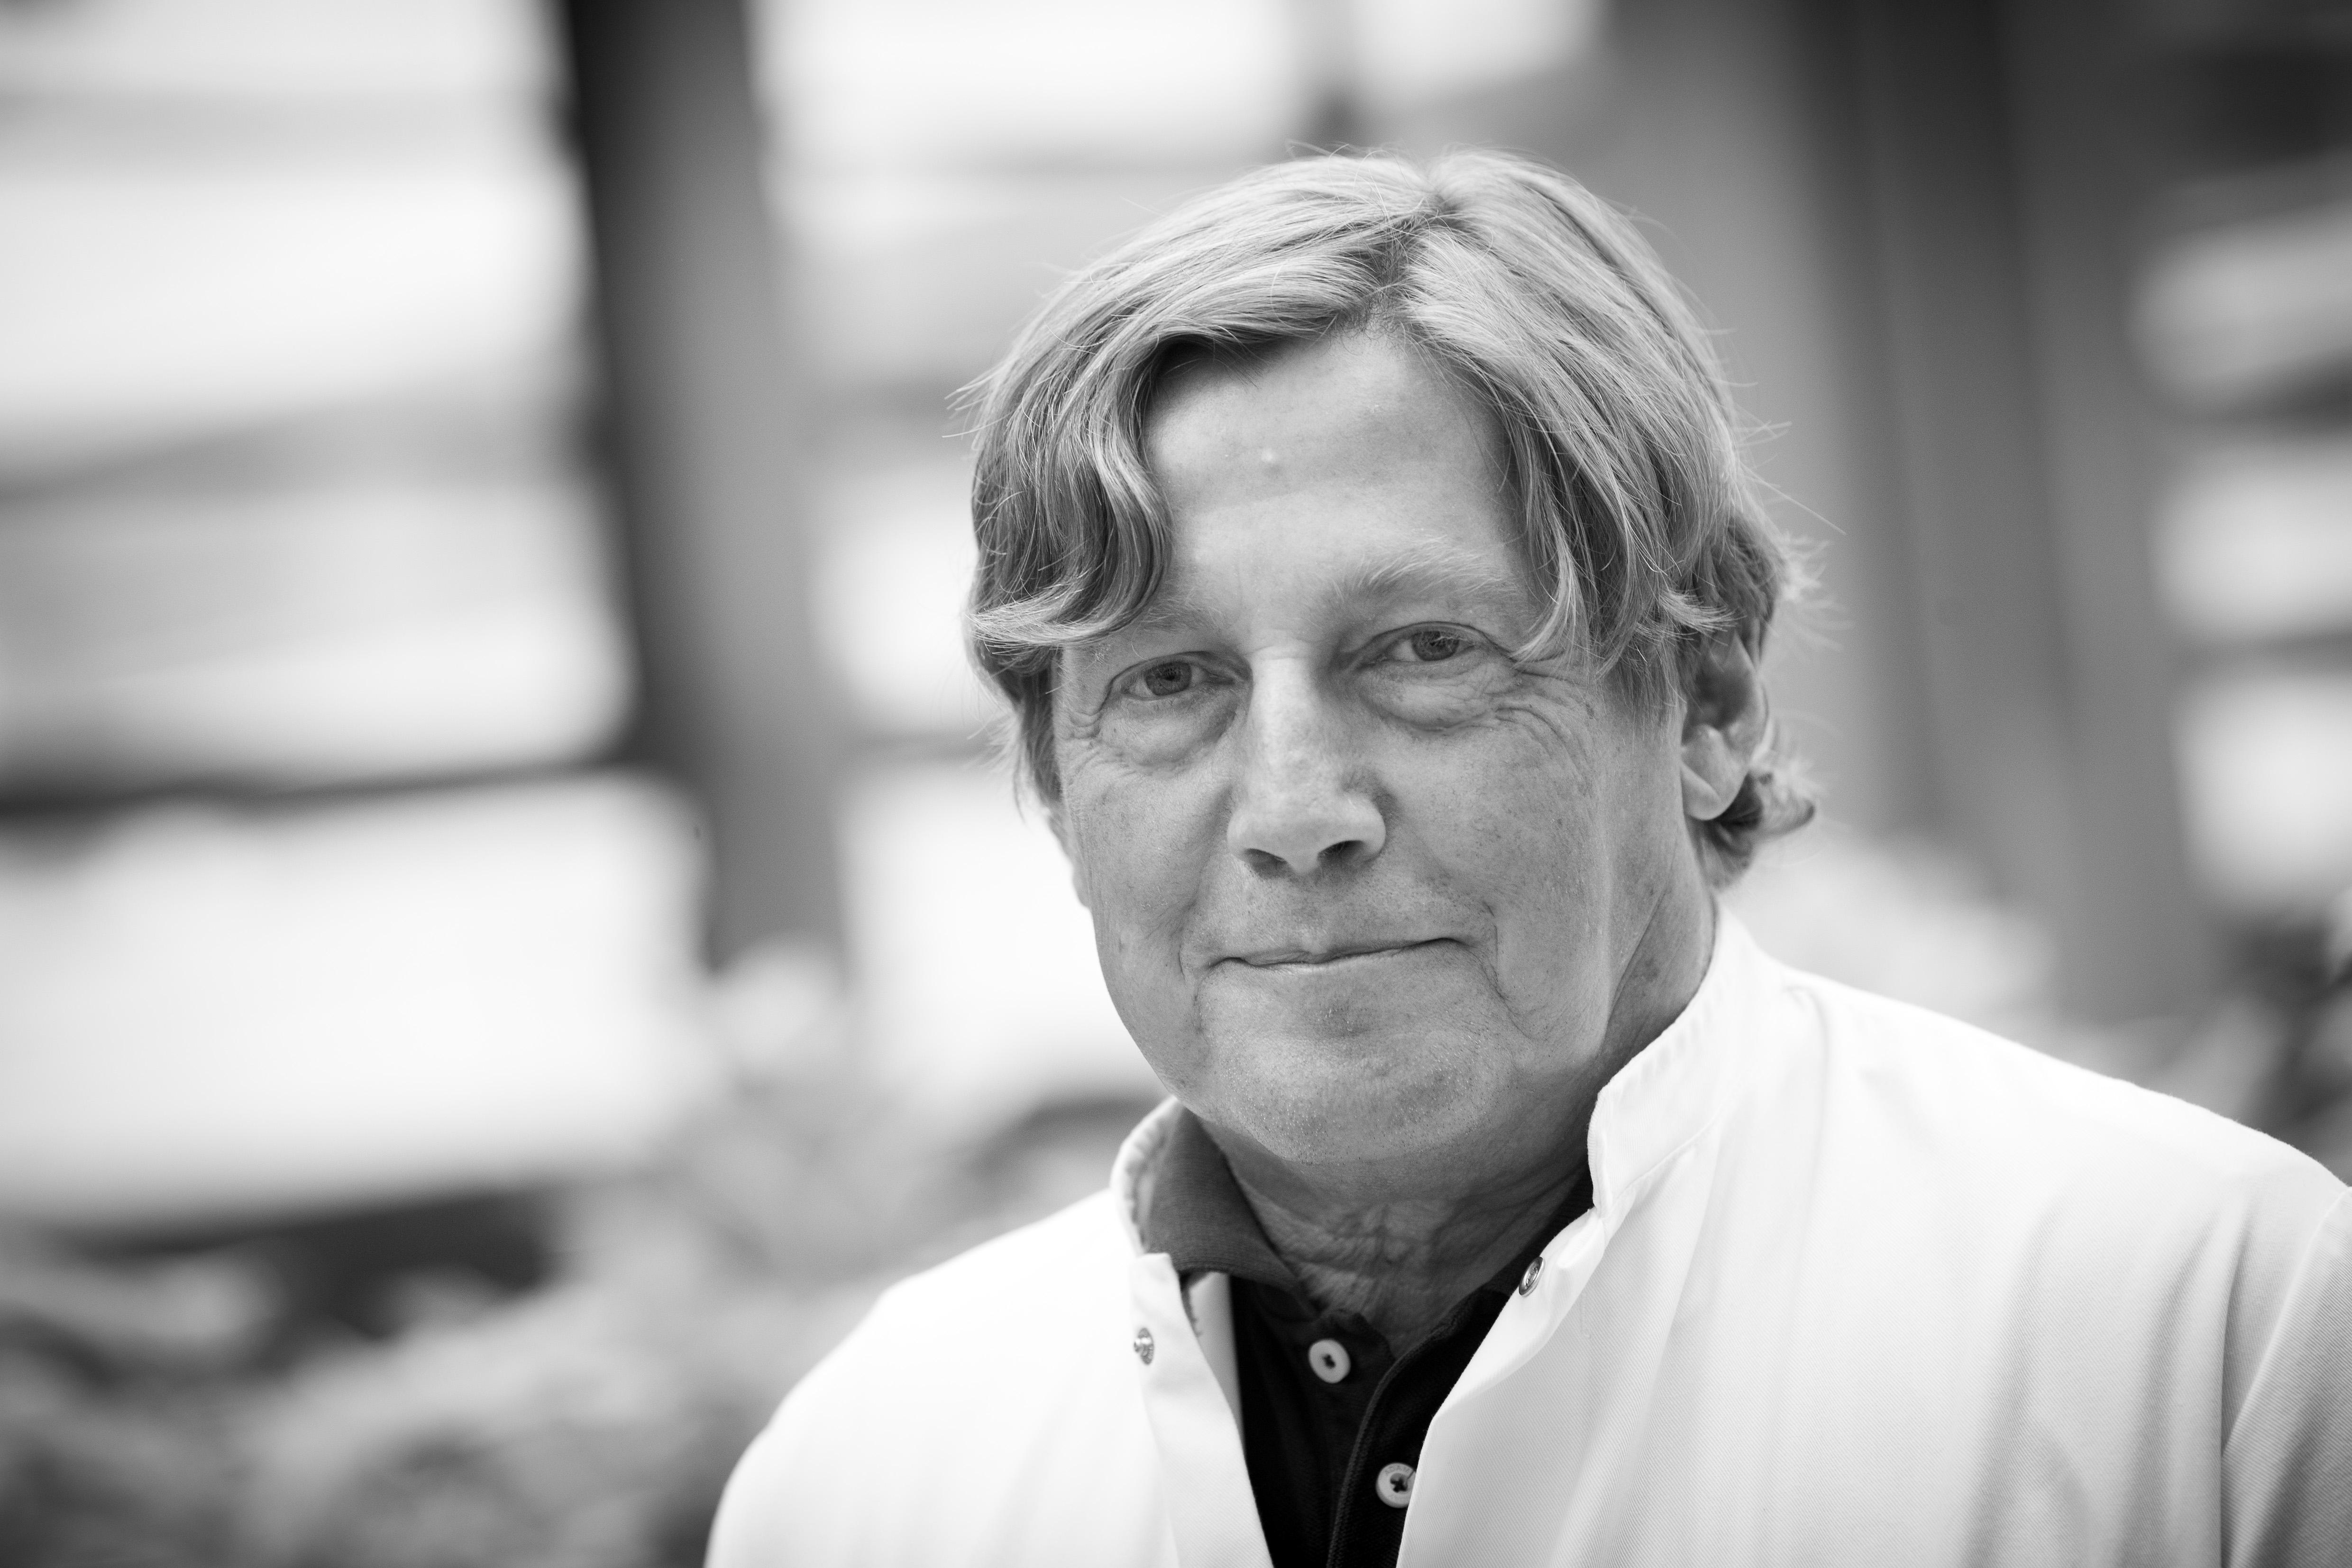 prof. dr. Pieter Sonneveld